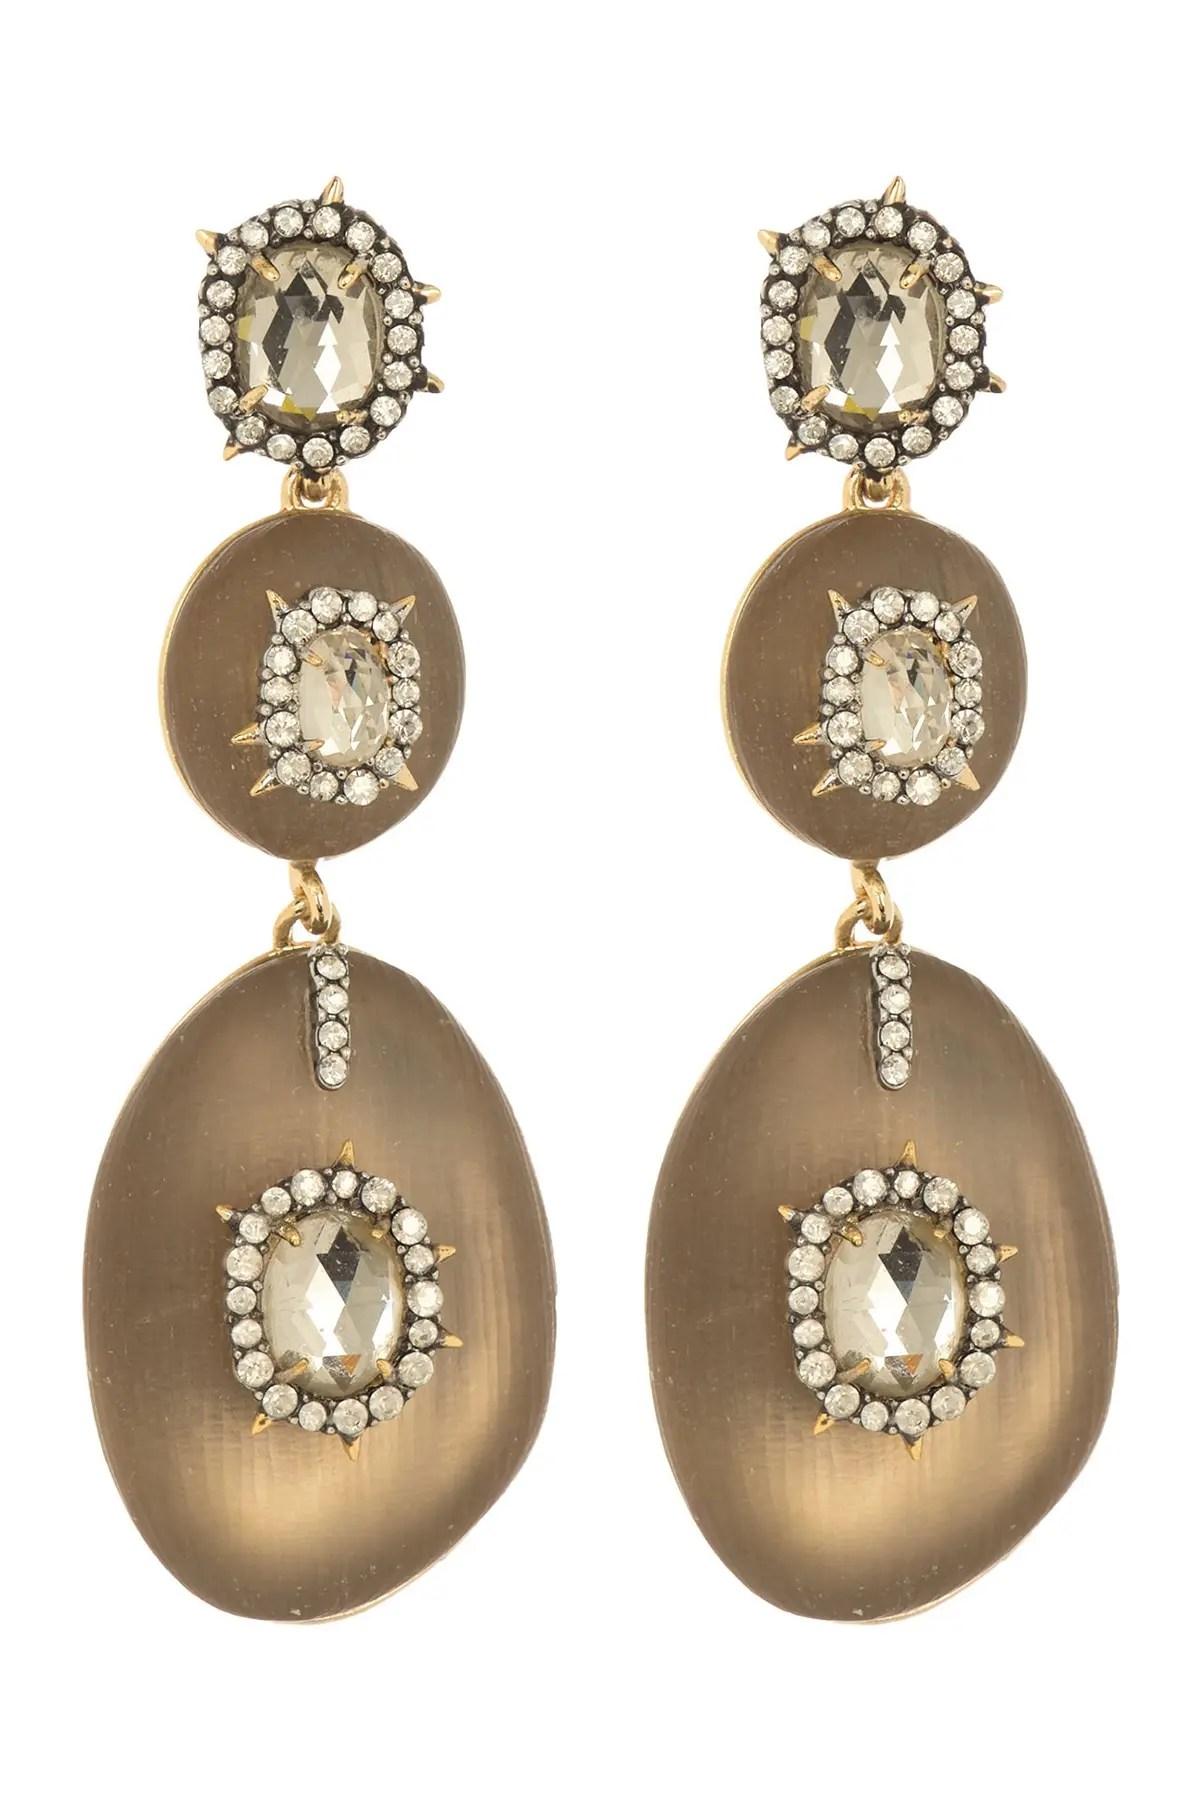 alexis bittar 10k gold triple lucite crystal encrusted drop earrings nordstrom rack